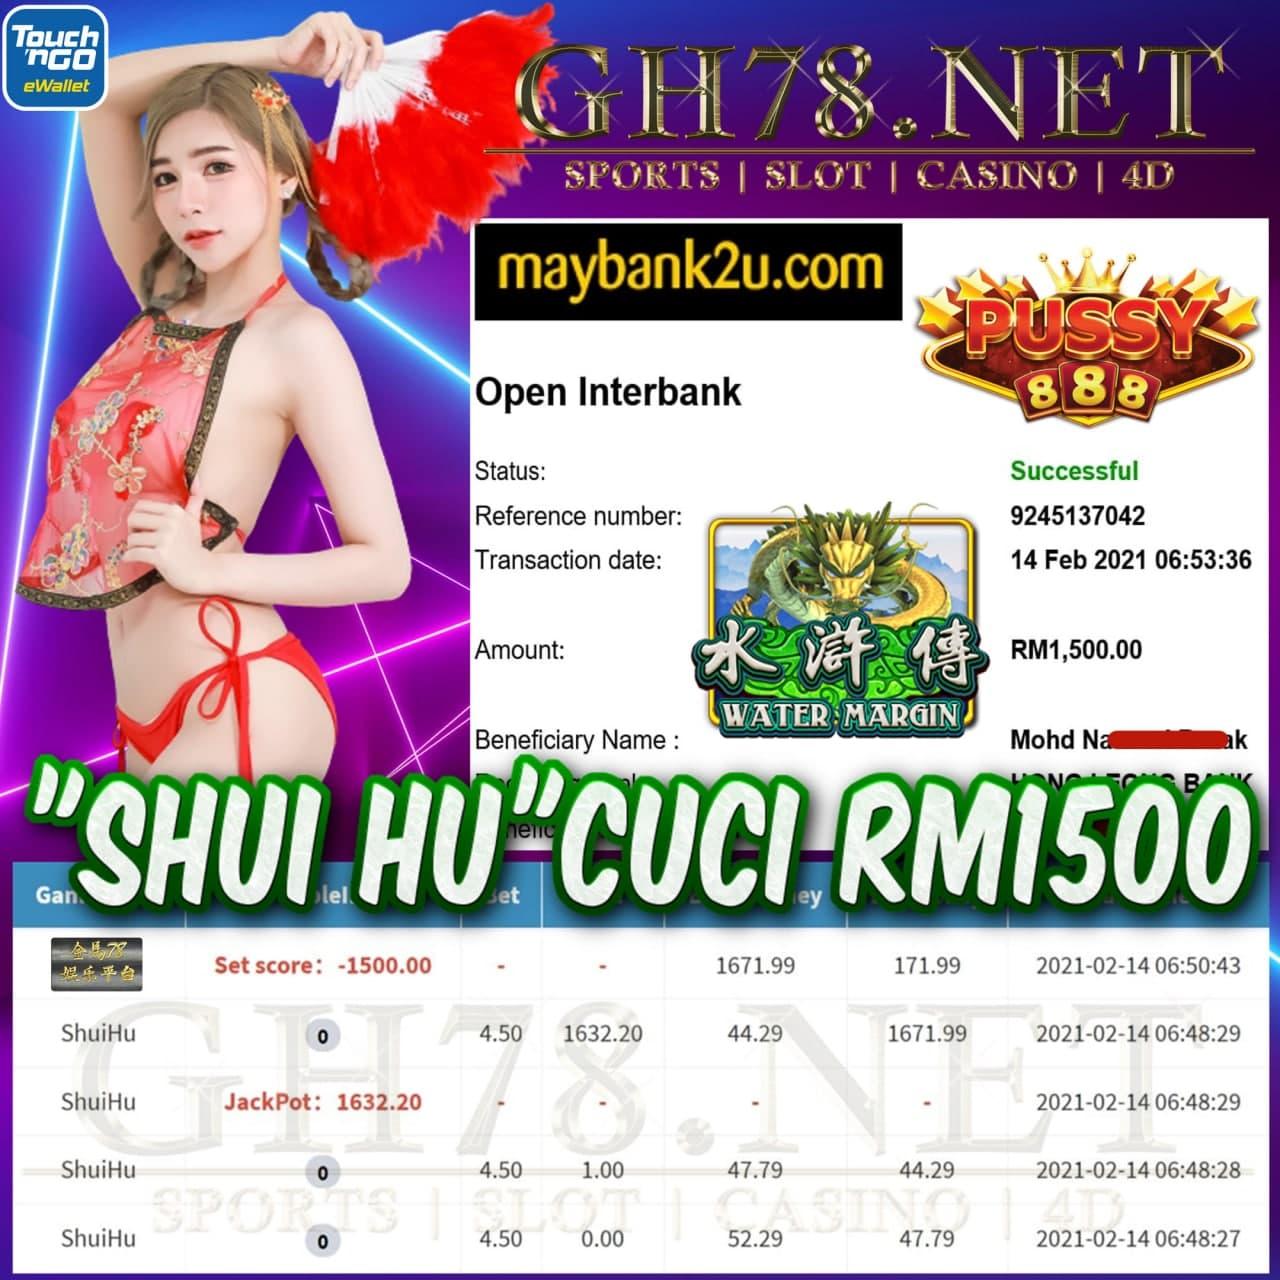 PUSSY888 SHUI HU CUCI RM1500